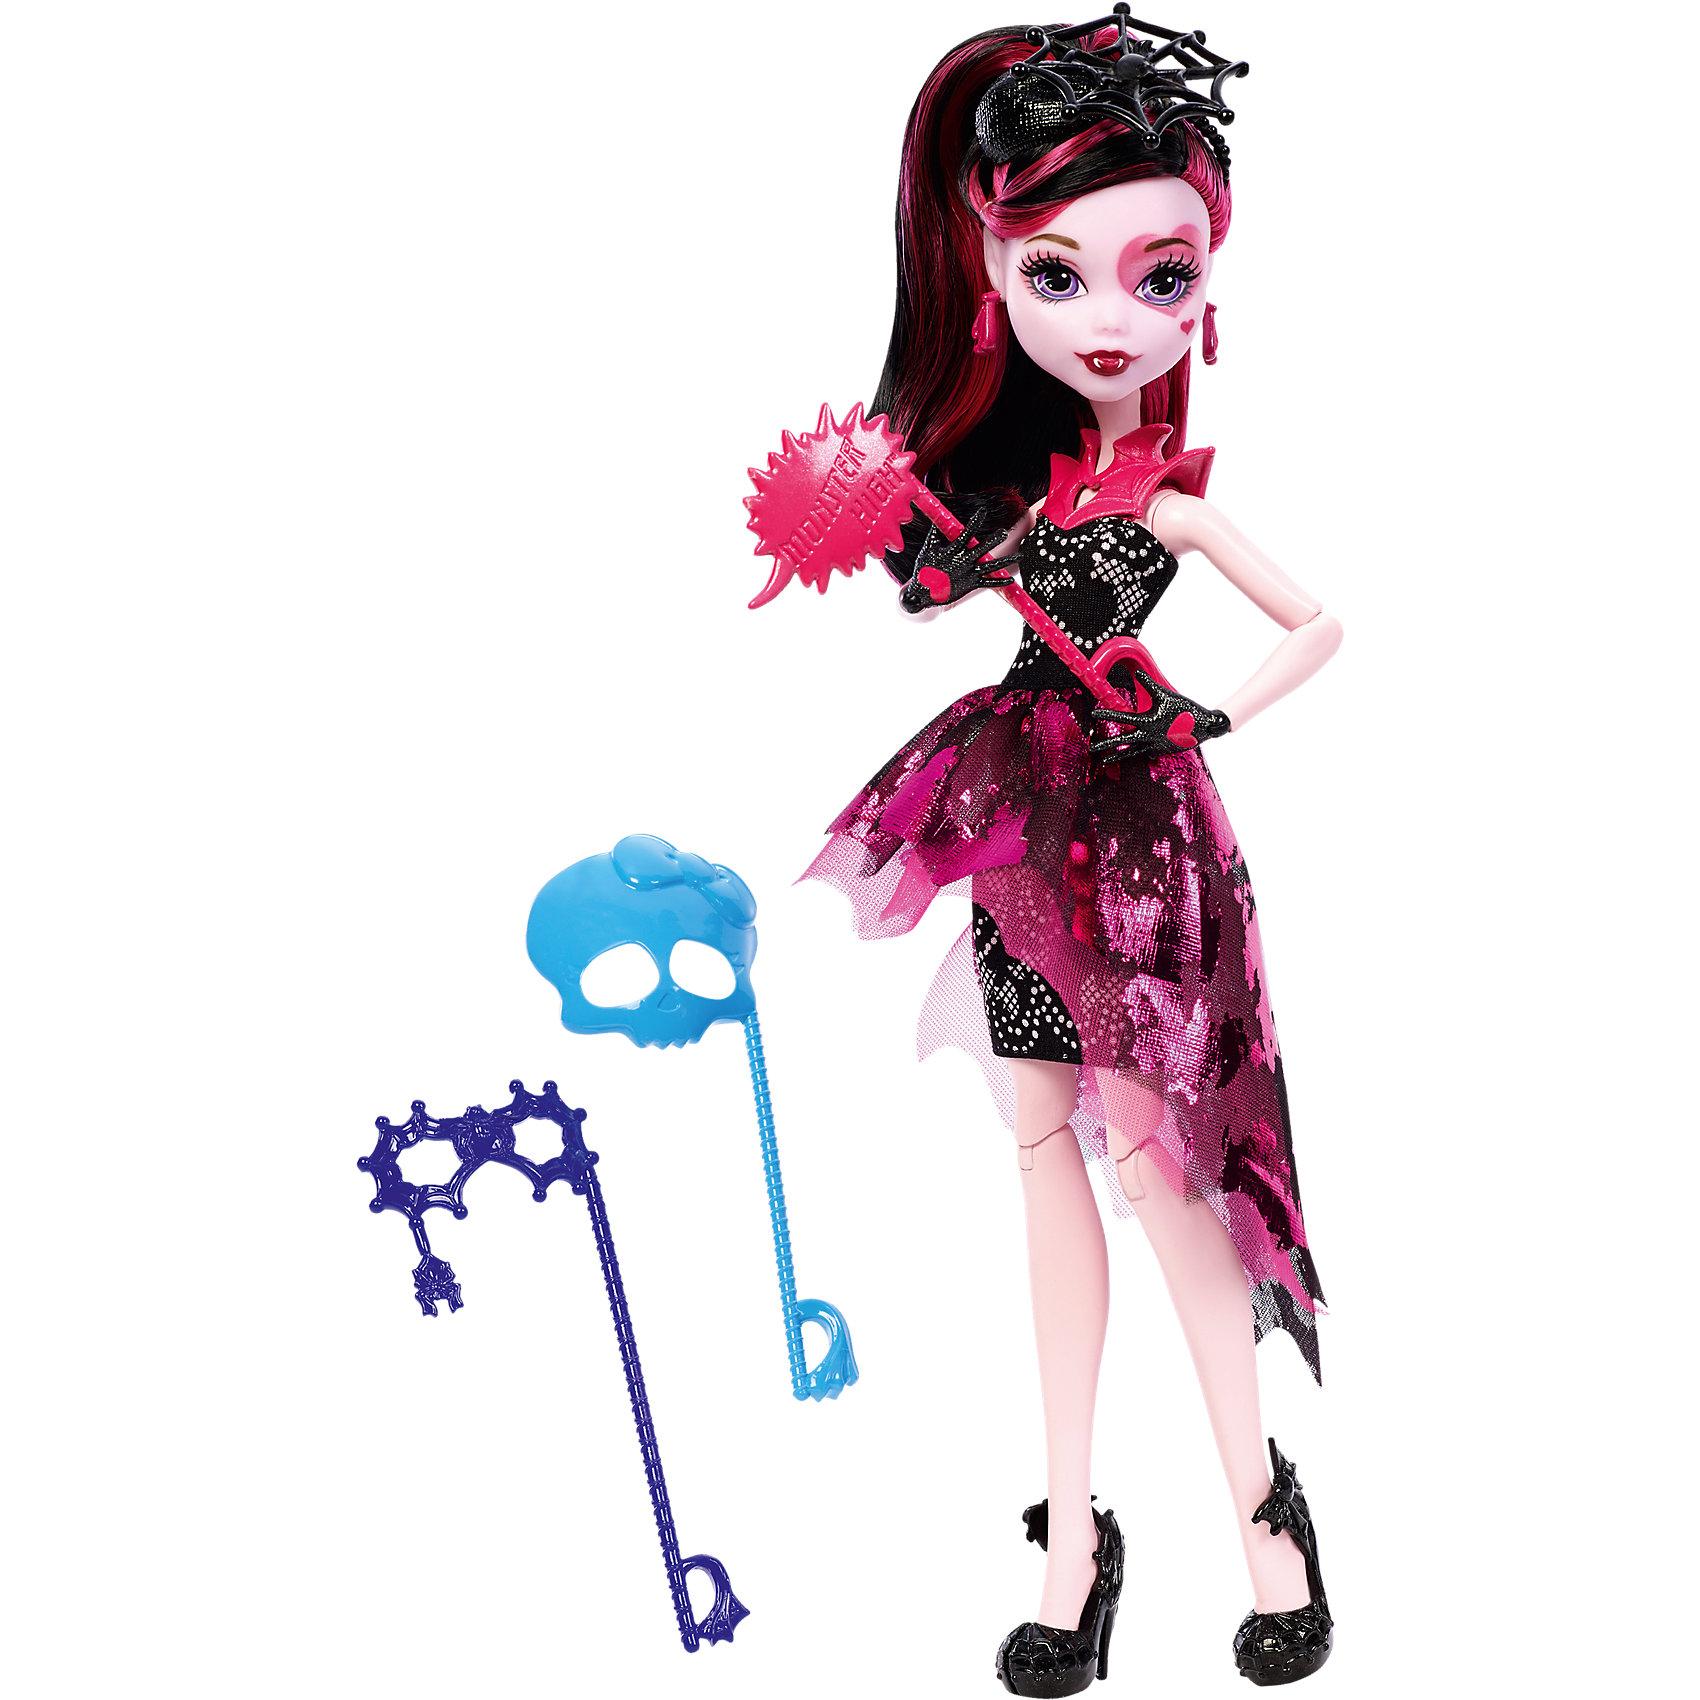 Кукла Дракулаура из серии Буникальные танцы с аксессуарами, Monster HighБренды кукол<br>Кукла Дракулаура выглядит потрясающе в своем вечернем платье! С собой она взяла 3 маски-аксессуара для настоящей фотосессии. Кукла одета в пышное платье в своем любимом стиле вампира. Голова украшена шляпкой с большой паутиной. Стильные туфельки с летучими мышами, колье и сережки  прекрасно дополняют необычный образ Дракулауры.<br><br>Дополнительная информация:<br>Материал: пластик<br>Куклу Дракулауру можно приобрести в нашем интернет-магазине.<br><br>Ширина мм: 327<br>Глубина мм: 205<br>Высота мм: 71<br>Вес г: 250<br>Возраст от месяцев: 72<br>Возраст до месяцев: 120<br>Пол: Женский<br>Возраст: Детский<br>SKU: 4765373